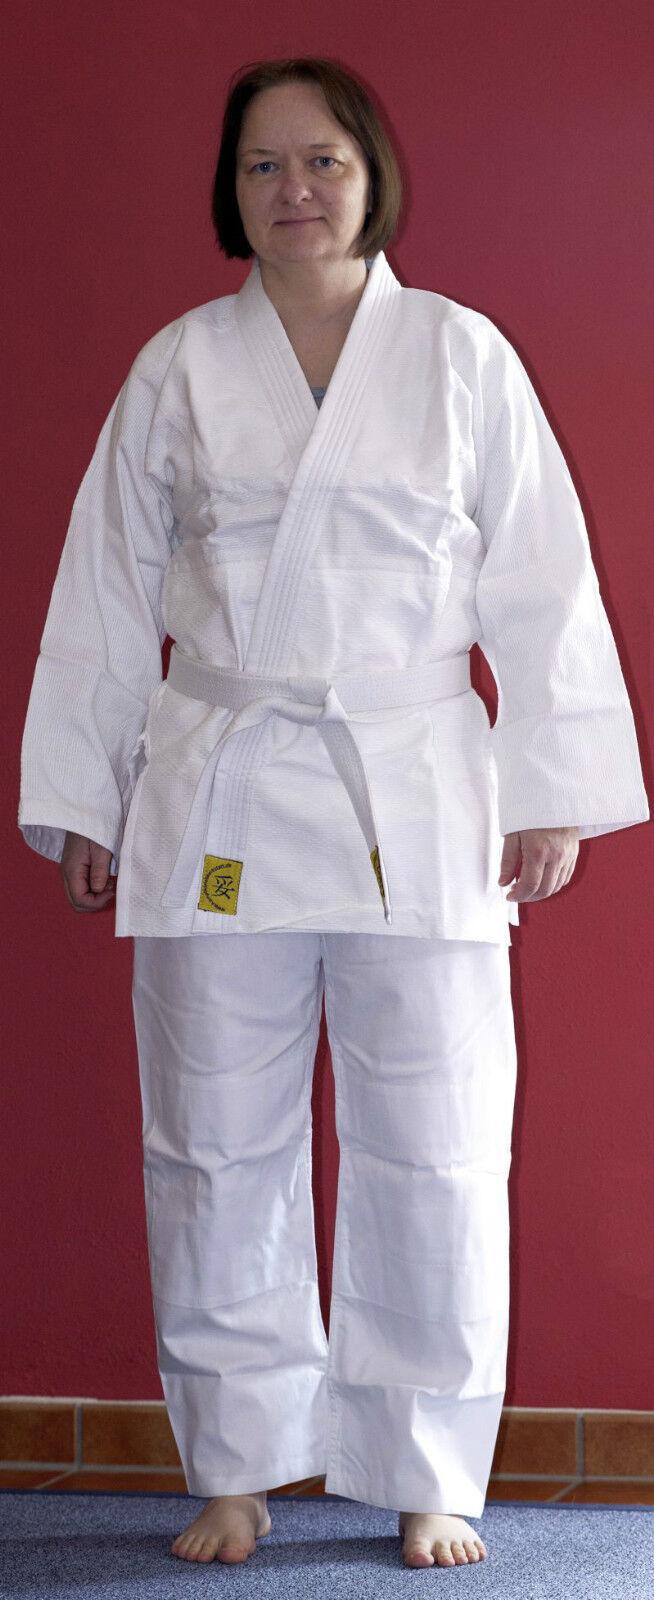 Judoanzug Judo Anzug weiß, Reiskornwebung, Größe wählbar, wählbar, wählbar, neu, Mod. 14 f67631